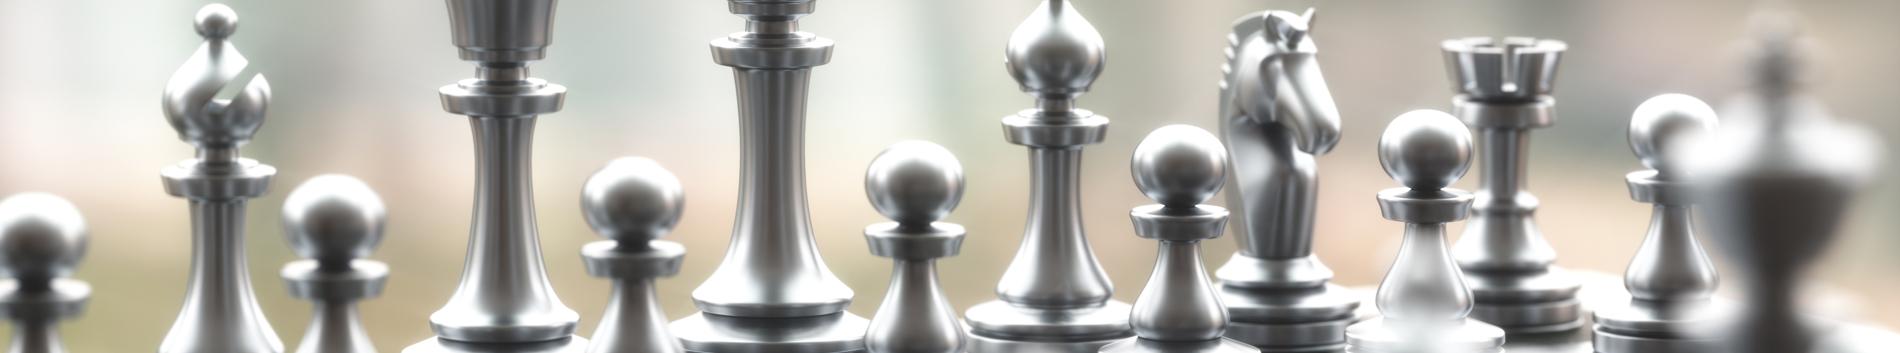 Alinhar e Executar Estratégia